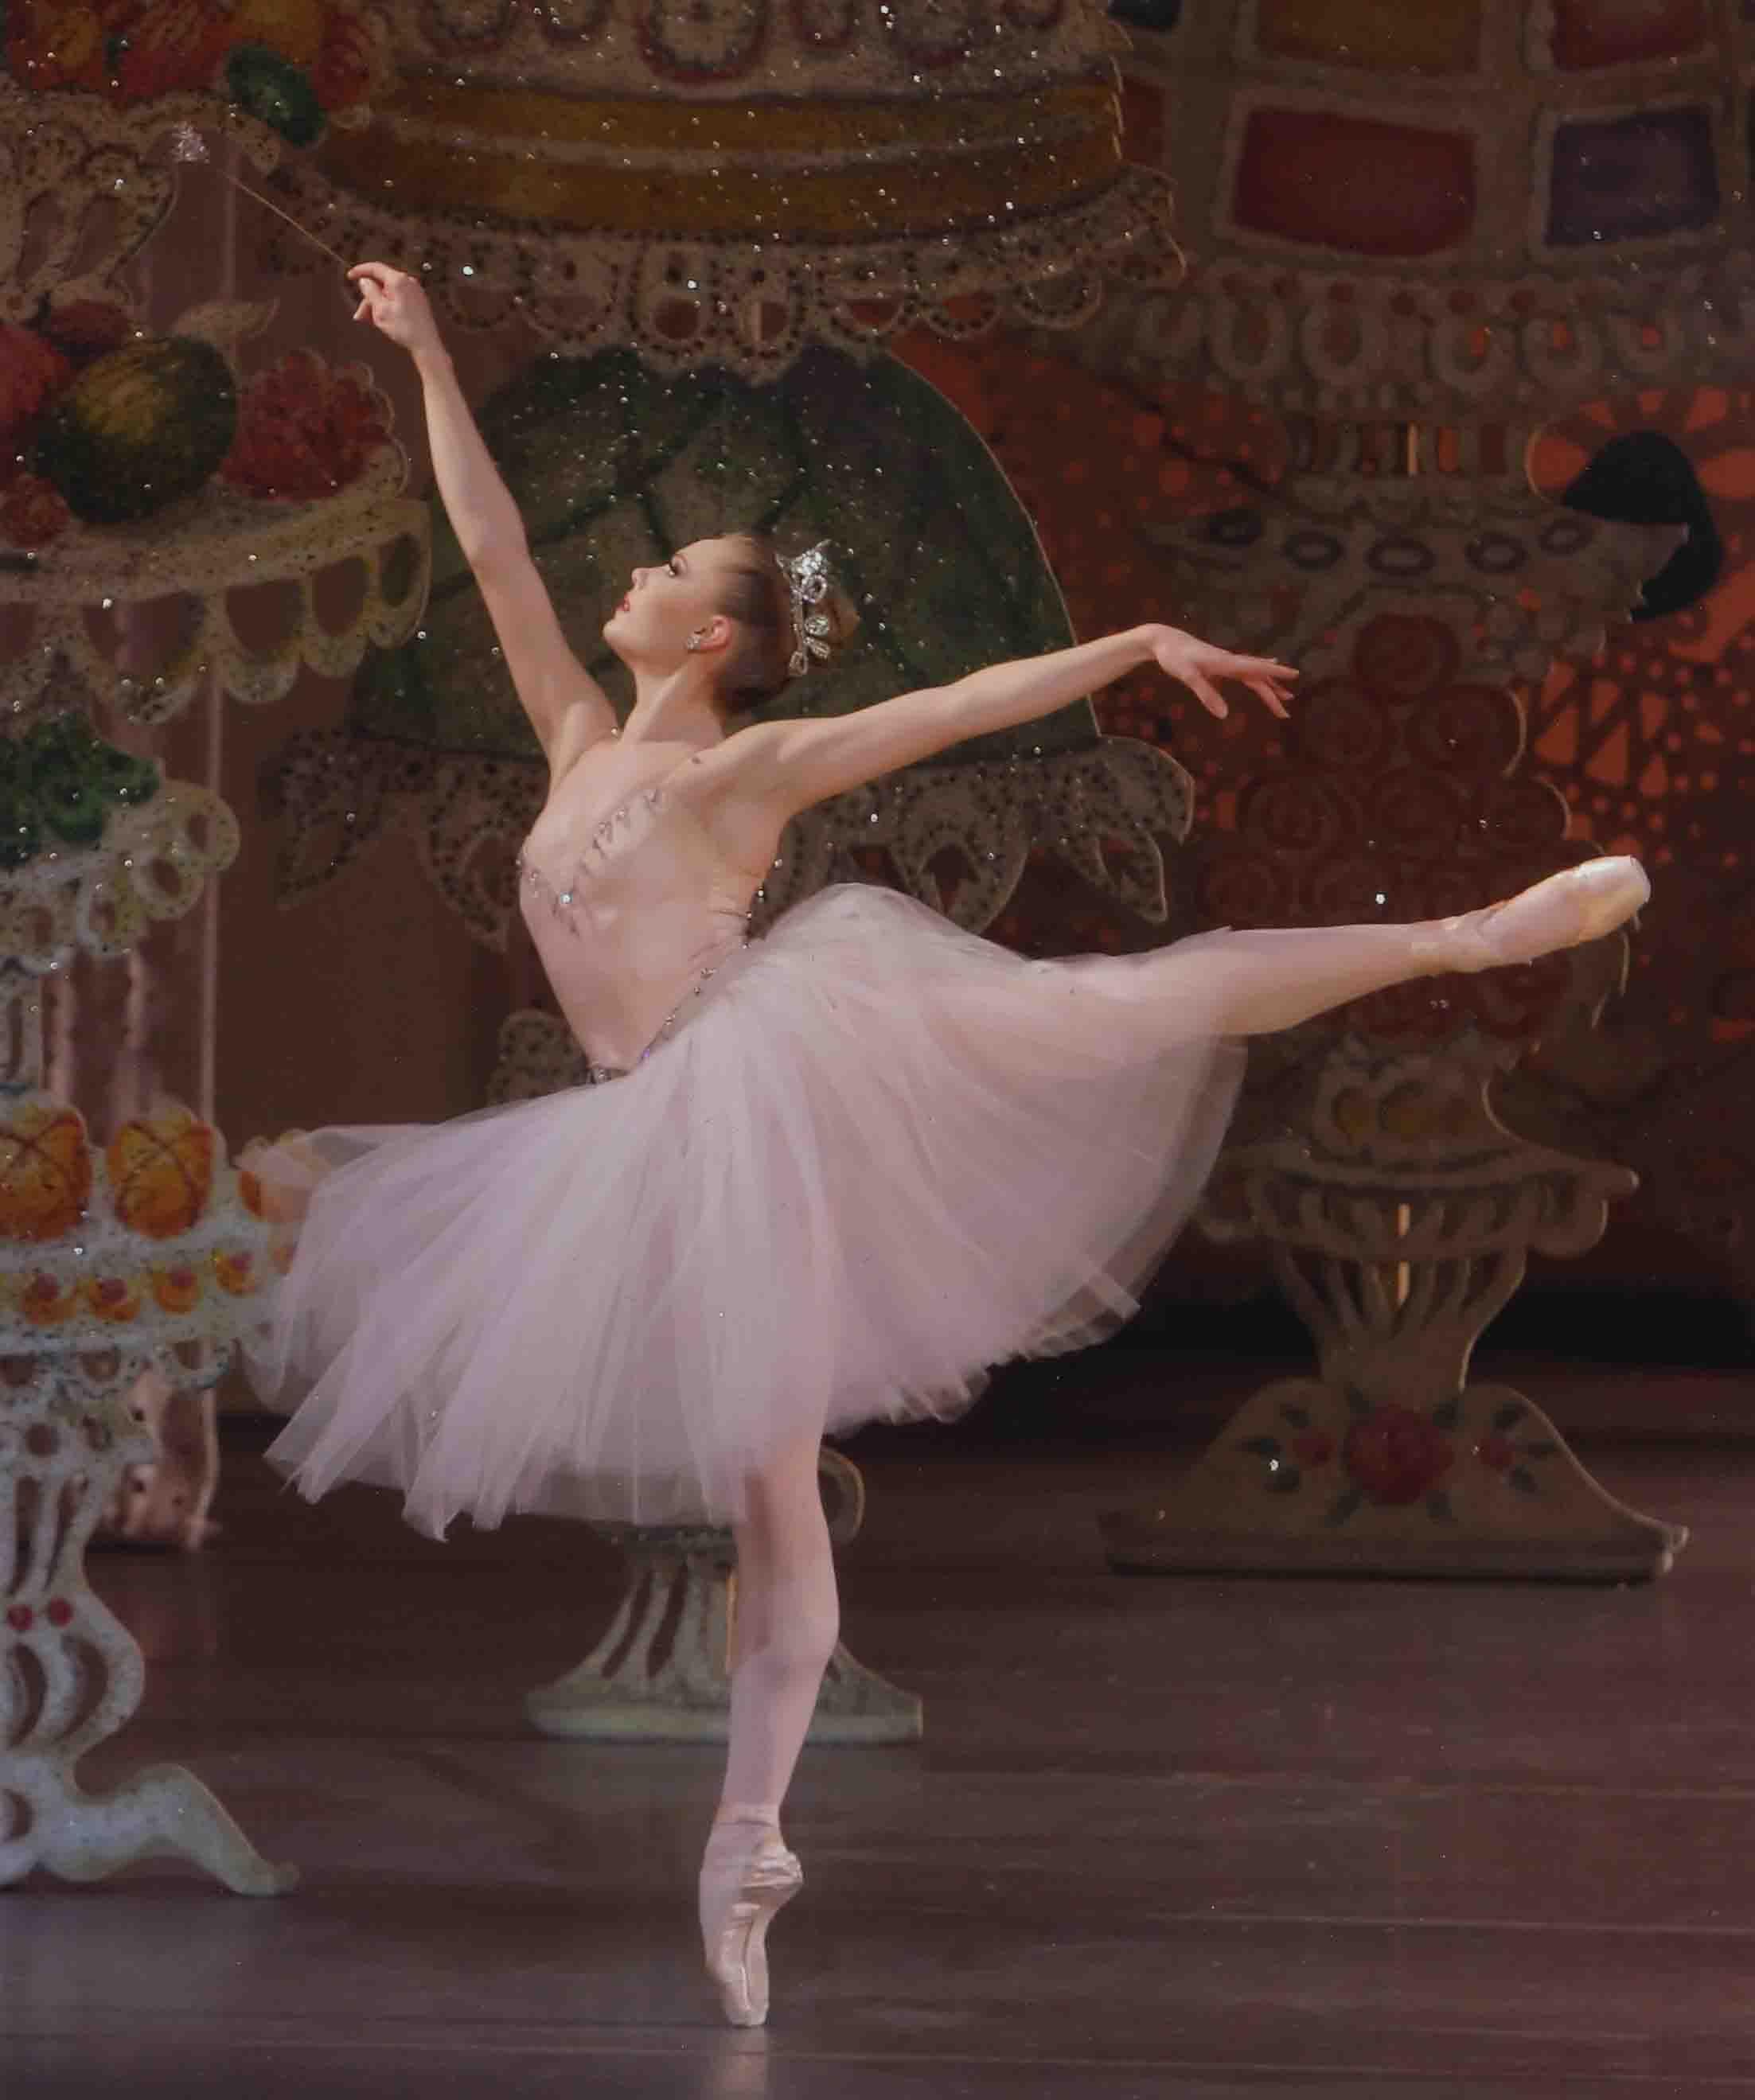 ballerinas dancing nutcracker - photo #47